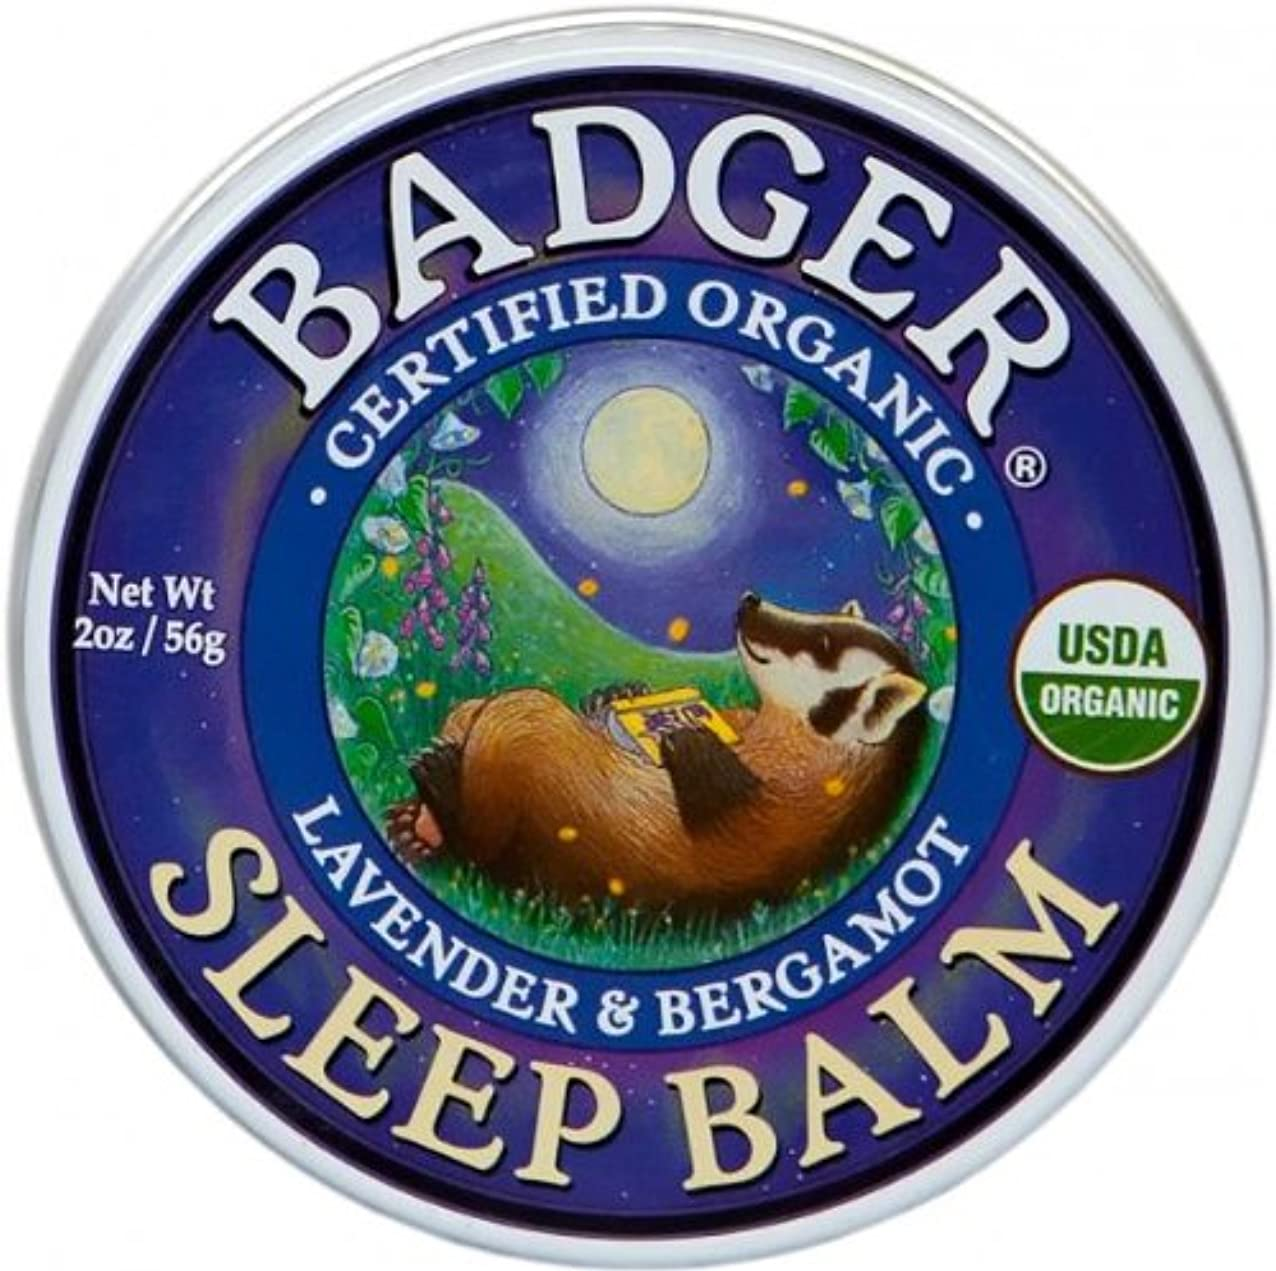 あなたはベギン見ましたBadger バジャー オーガニック スリープバーム おやすみ前アロマクリーム【大サイズ】 56g【海外直送品】【並行輸入品】